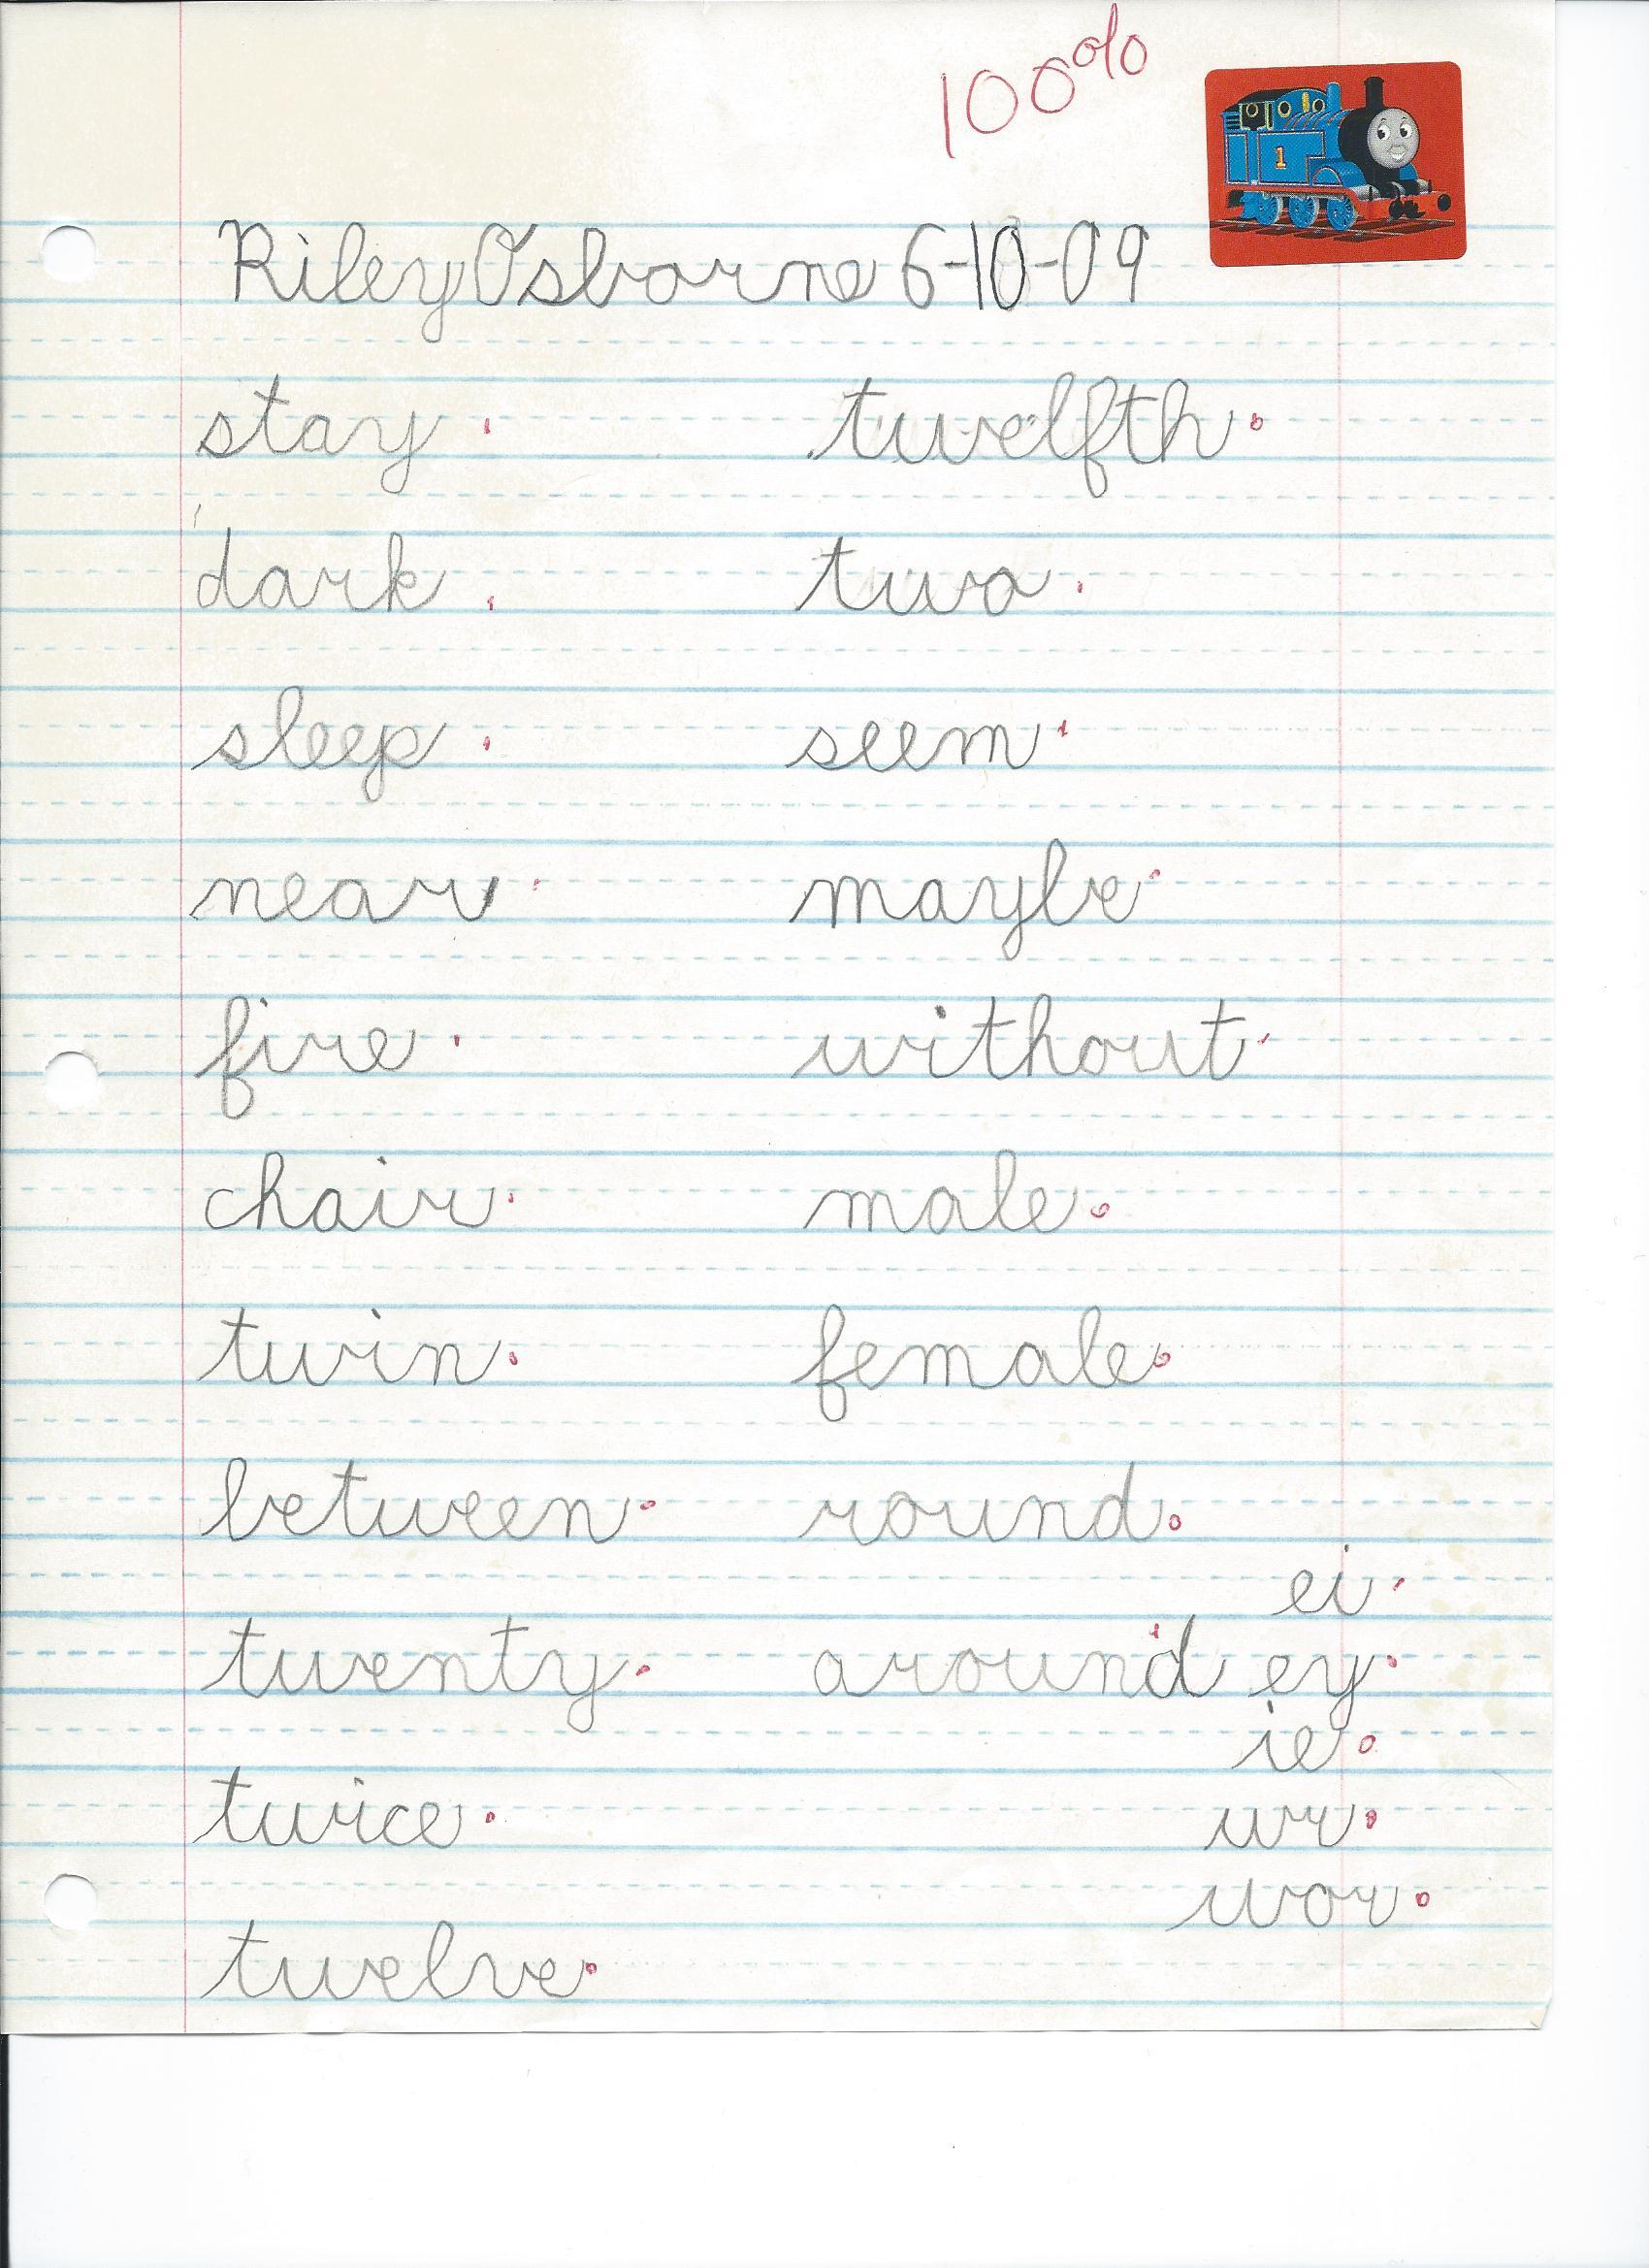 Cursive Spelling Test 6 10 09